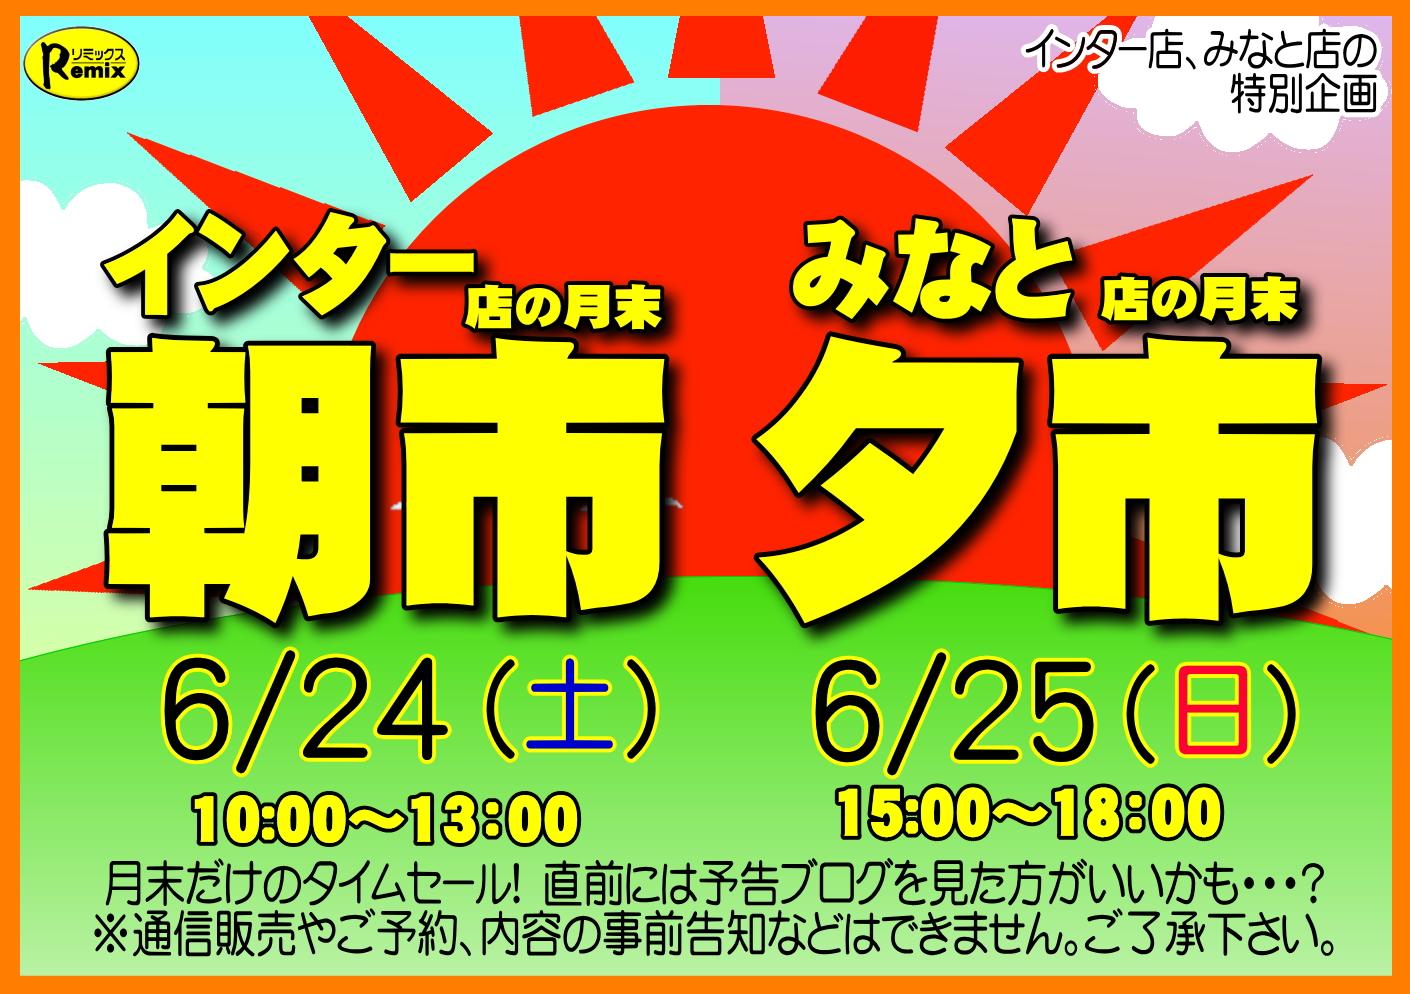 月末朝市決算バーゲンスペシャルは明日6/24土曜日あさ10時よりインター店にて!!